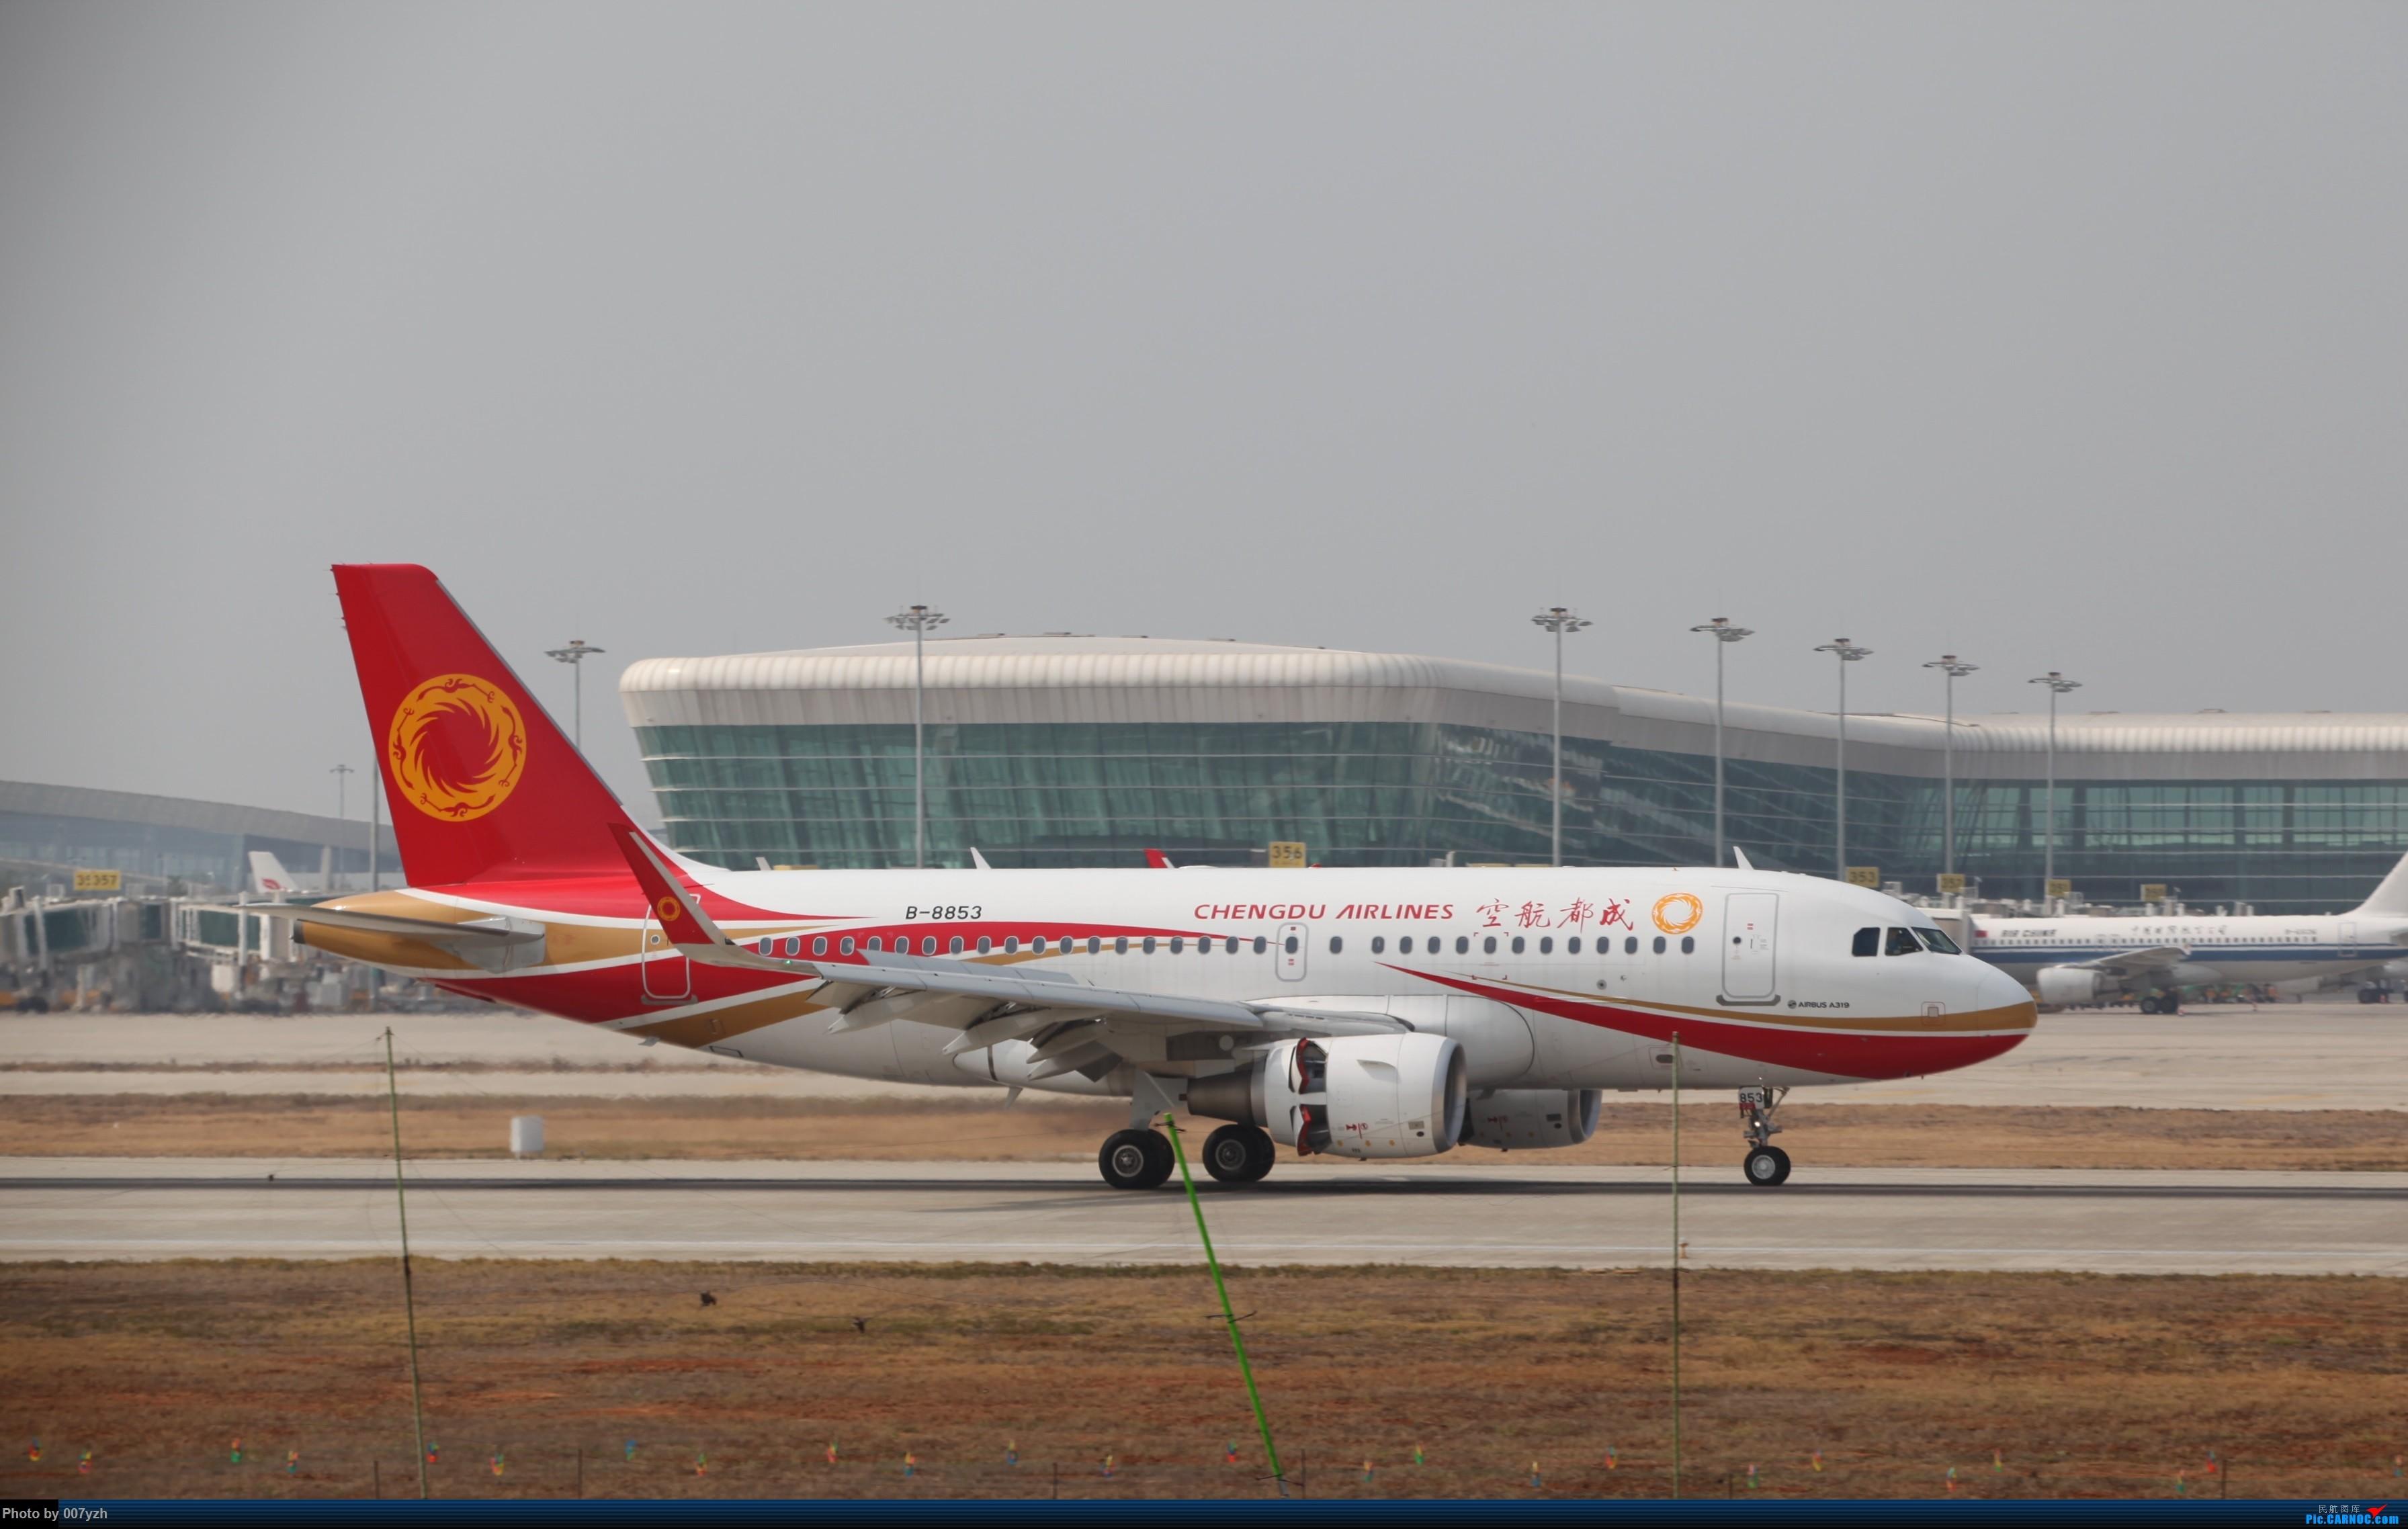 Re:[原创]WUH小拍,终于找到了在WUH拍机的组织 AIRBUS A319-100 B-8853 中国武汉天河国际机场